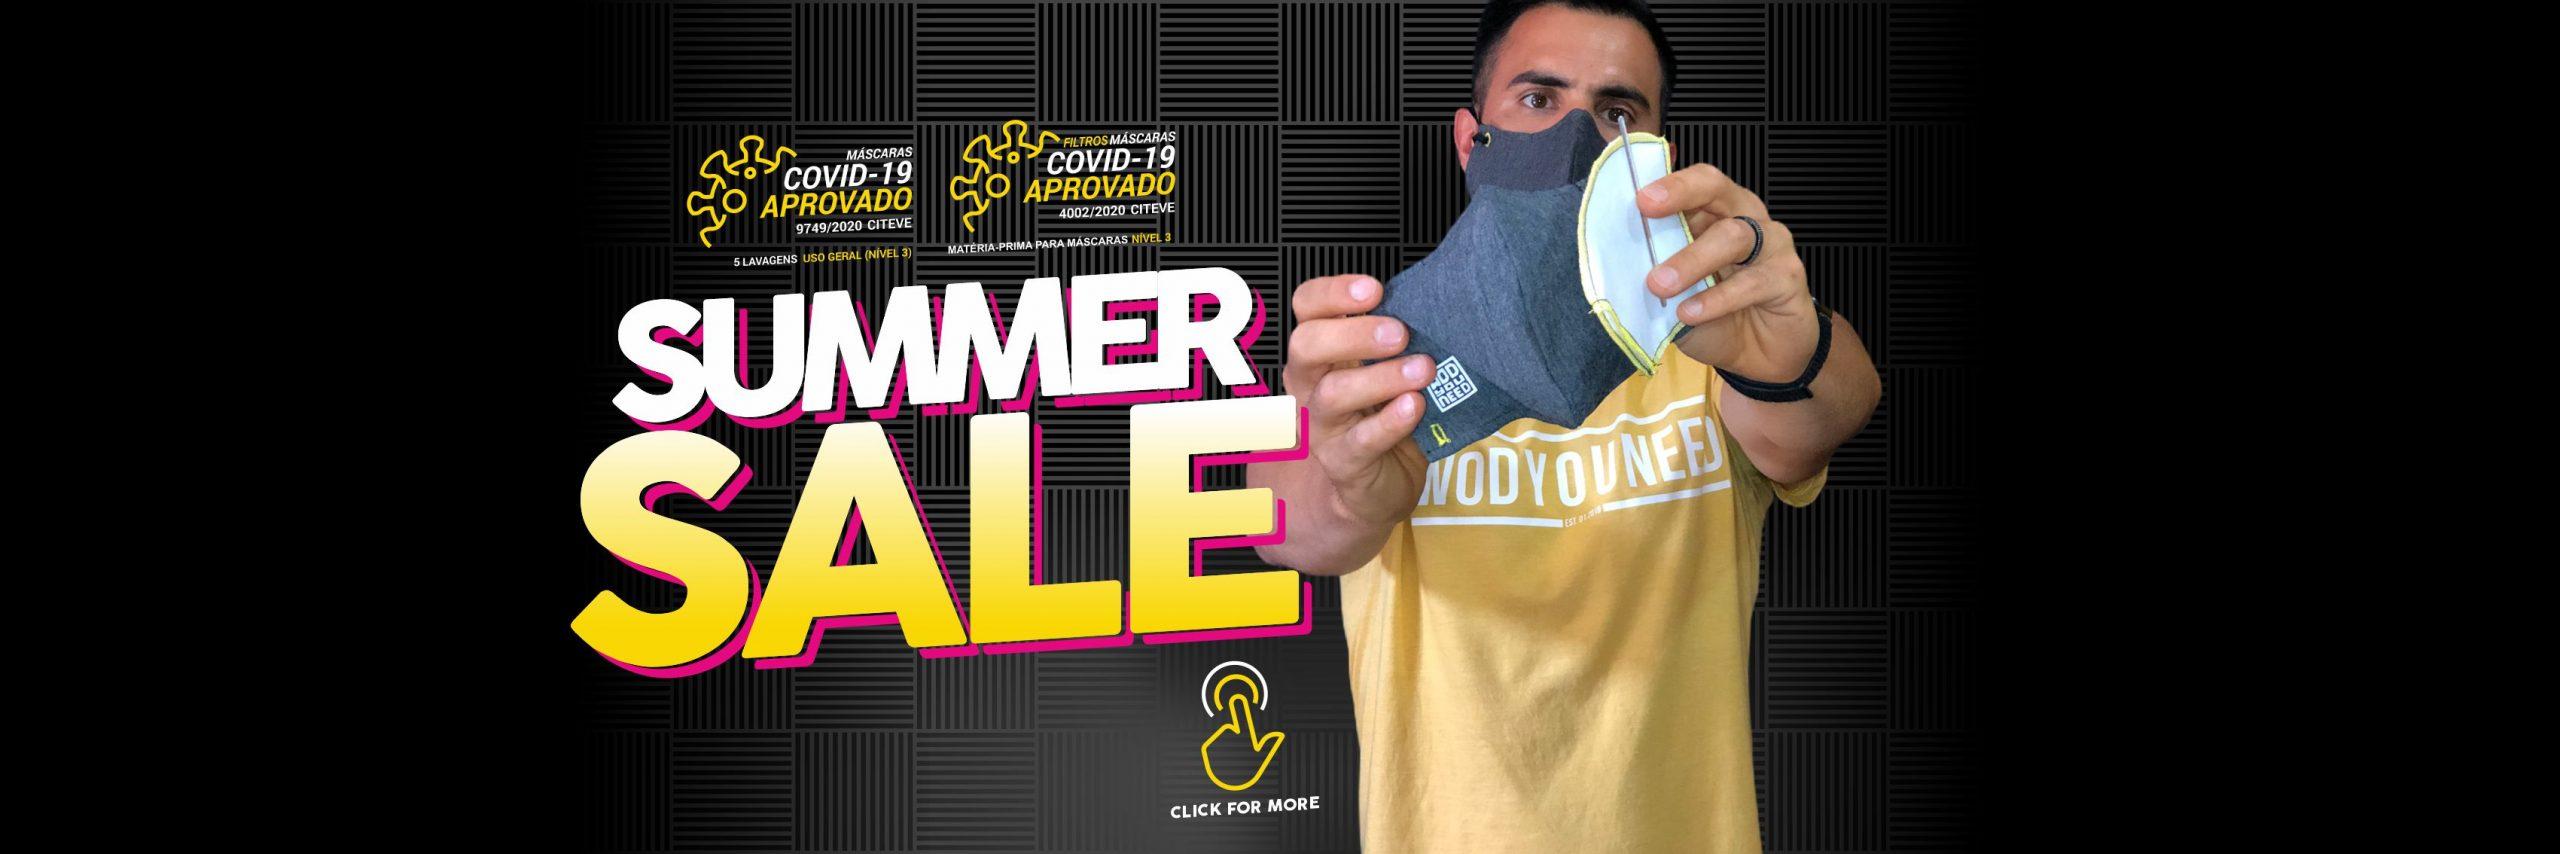 wyn-summer-sale2020-MASK